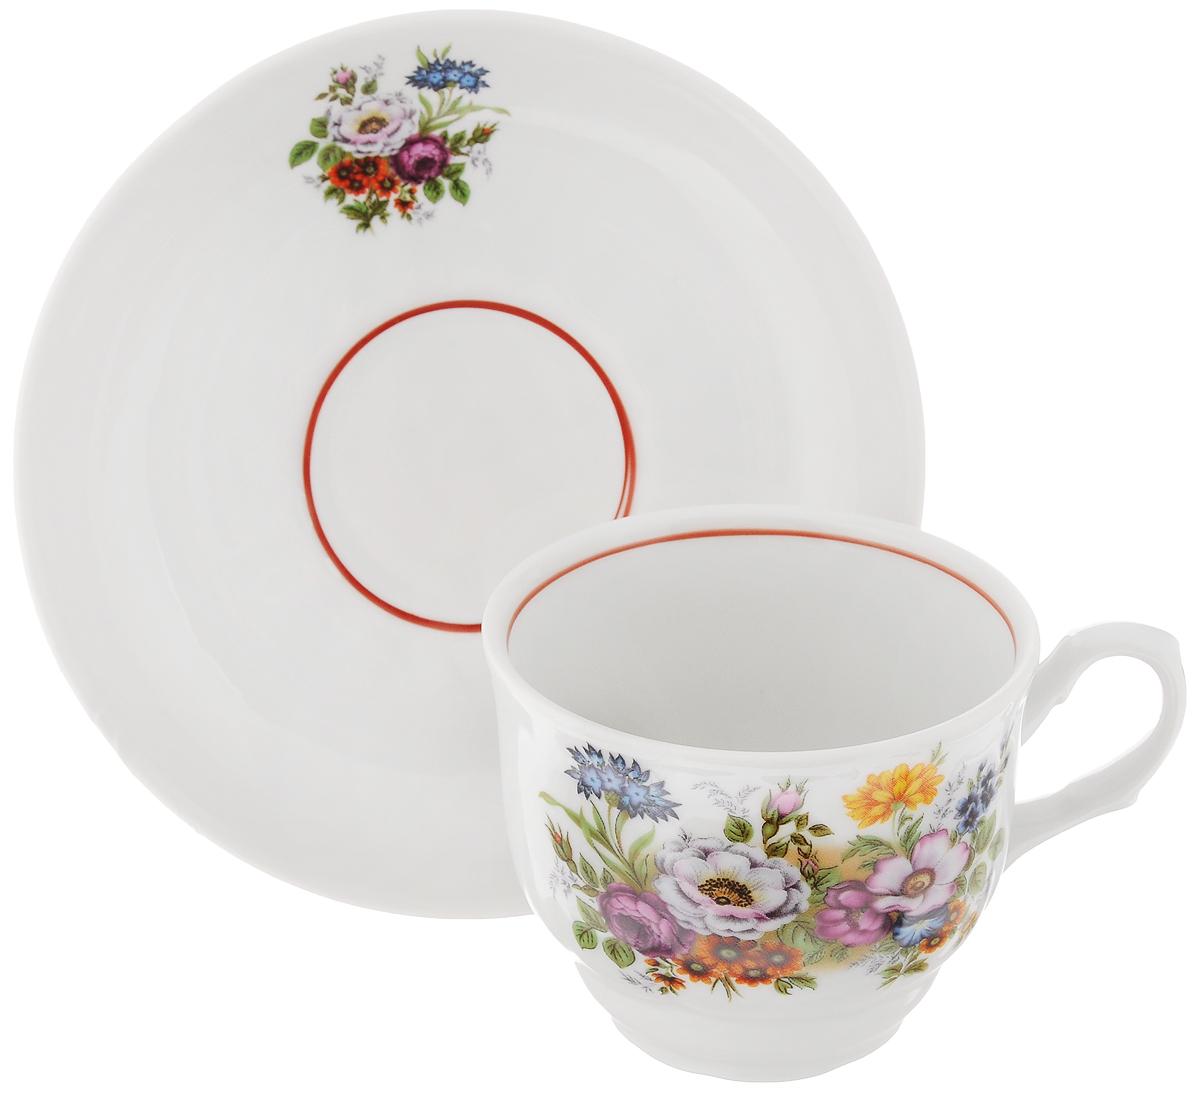 Чайная пара Тюльпан. Букет цветов, 2 предмета507777Чайная пара Тюльпан. Букет цветов состоит из чашки и блюдца, изготовленных из высококачественного фарфора. Яркий дизайн изделий, несомненно, придется вам по вкусу.Чайная пара Тюльпан. Букет цветов украсит ваш кухонный стол, а также станет замечательным подарком к любому празднику.Диаметр чашки (по верхнему краю): 8,5 см.Высота чашки: 7 см.Диаметр блюдца (по верхнему краю): 15 см.Высота блюдца: 3 см.